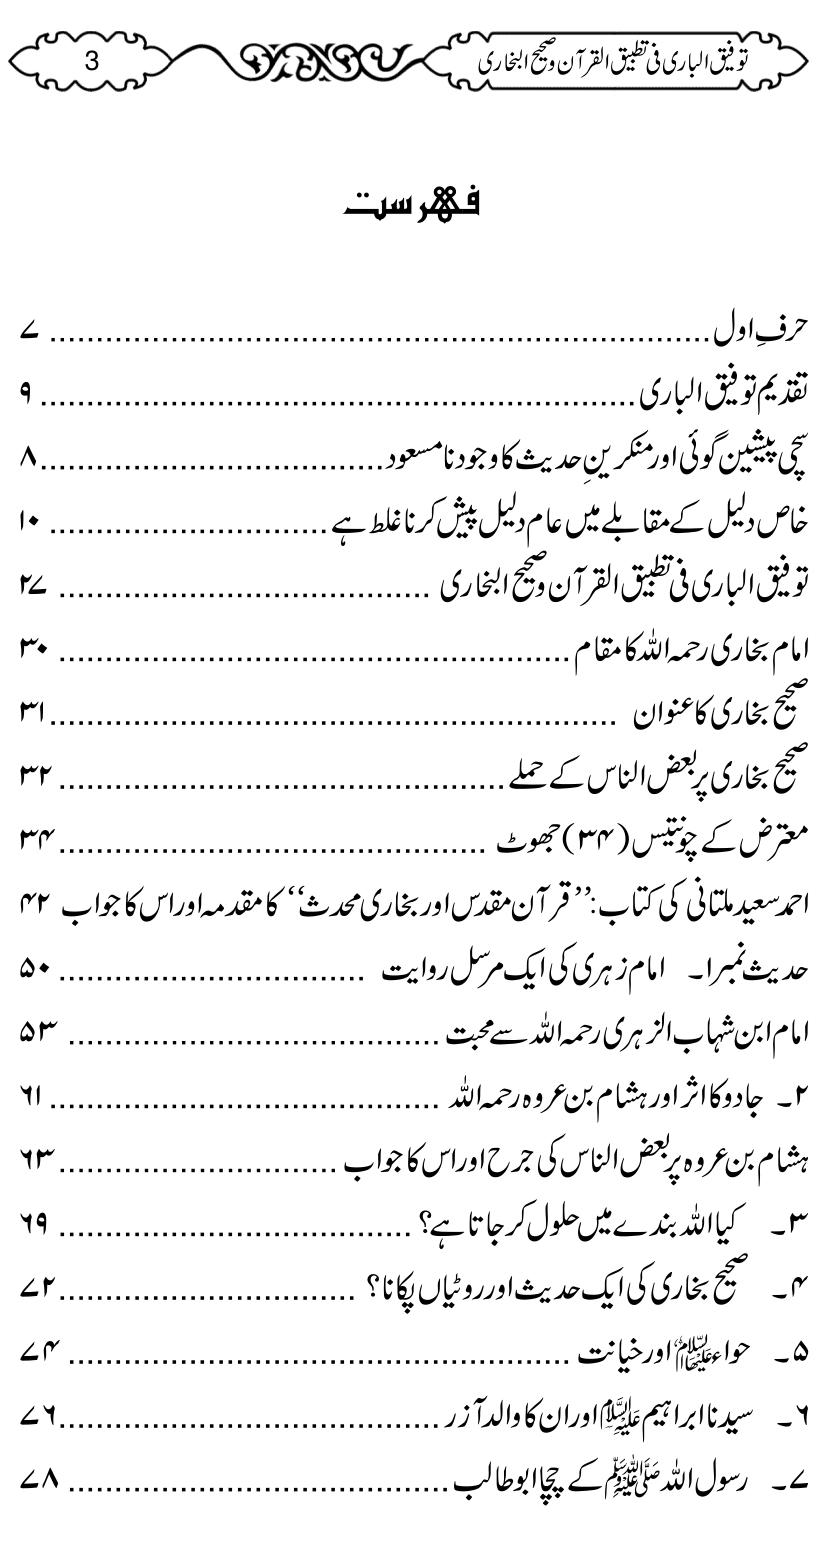 taufeeq-ul-baari-fee-tatbeeq-al-quran-wa-saheeh-al-bukhari-003